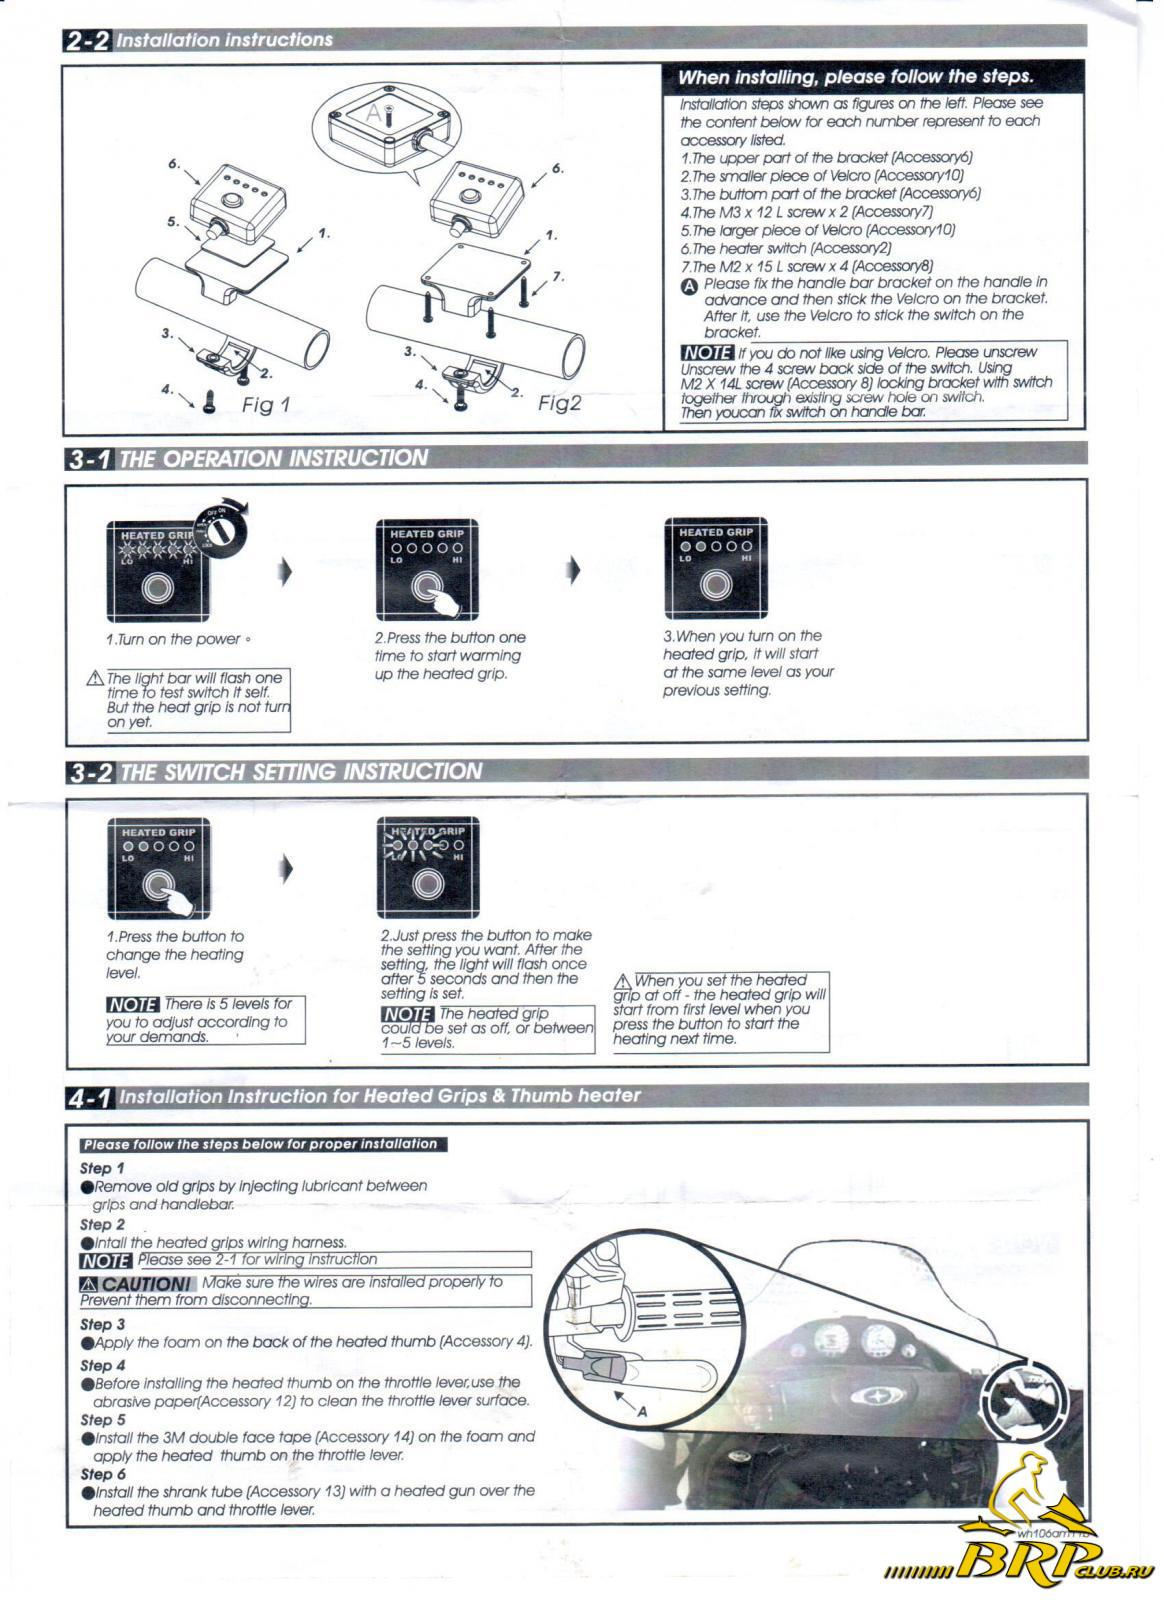 Инструкция для ручек0002.jpg